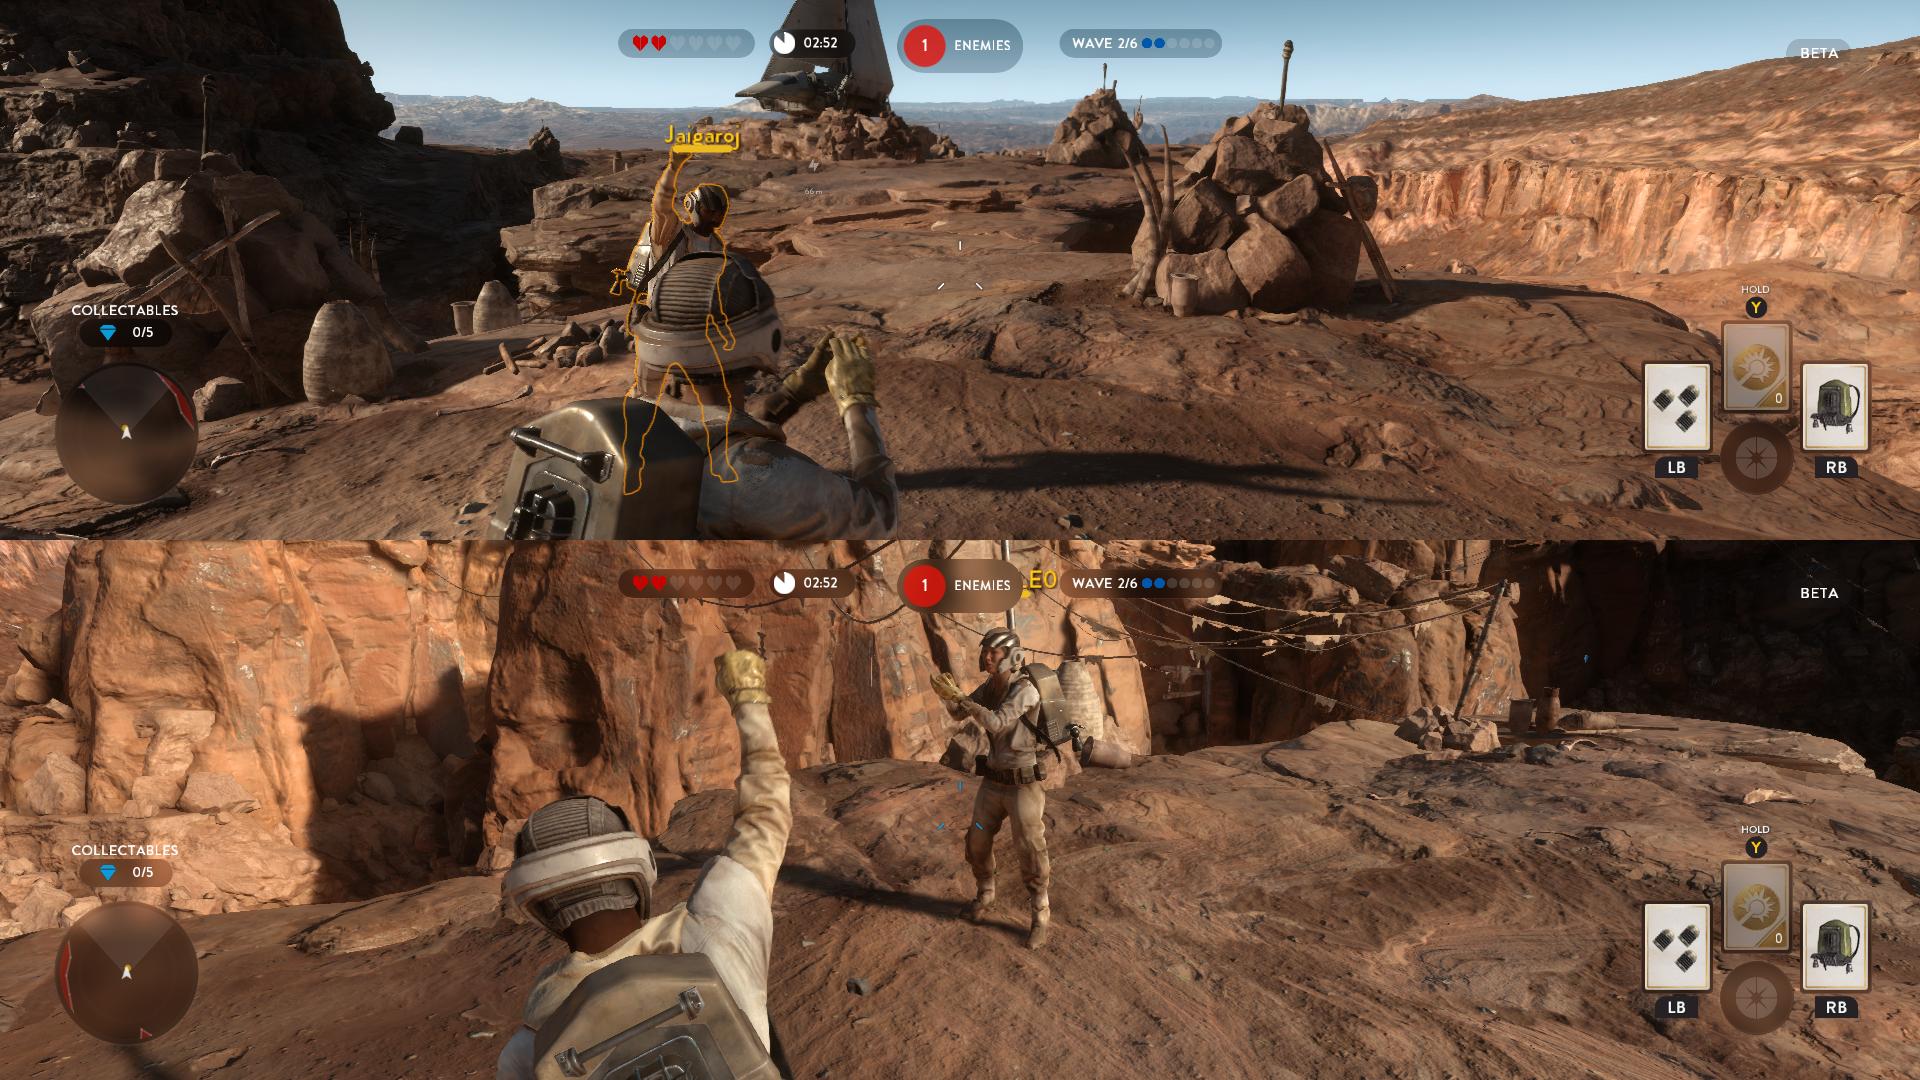 Star Wars Battlefront Beta 1